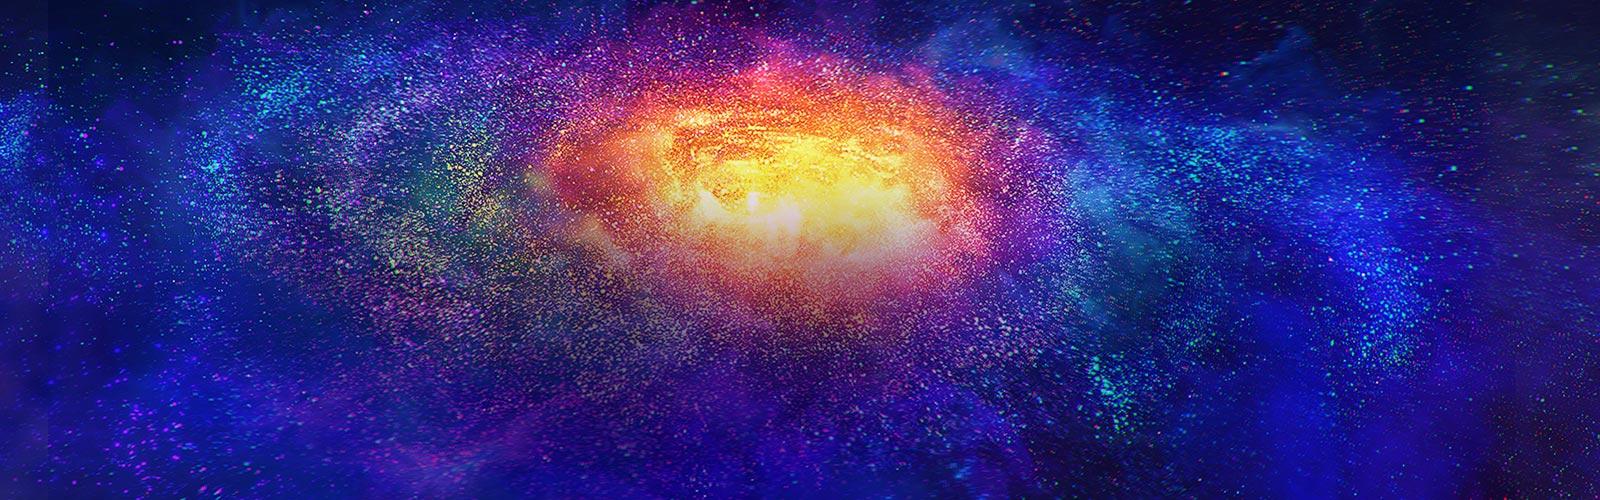 Millones de pequeñas partículas coloridas en el espacio.